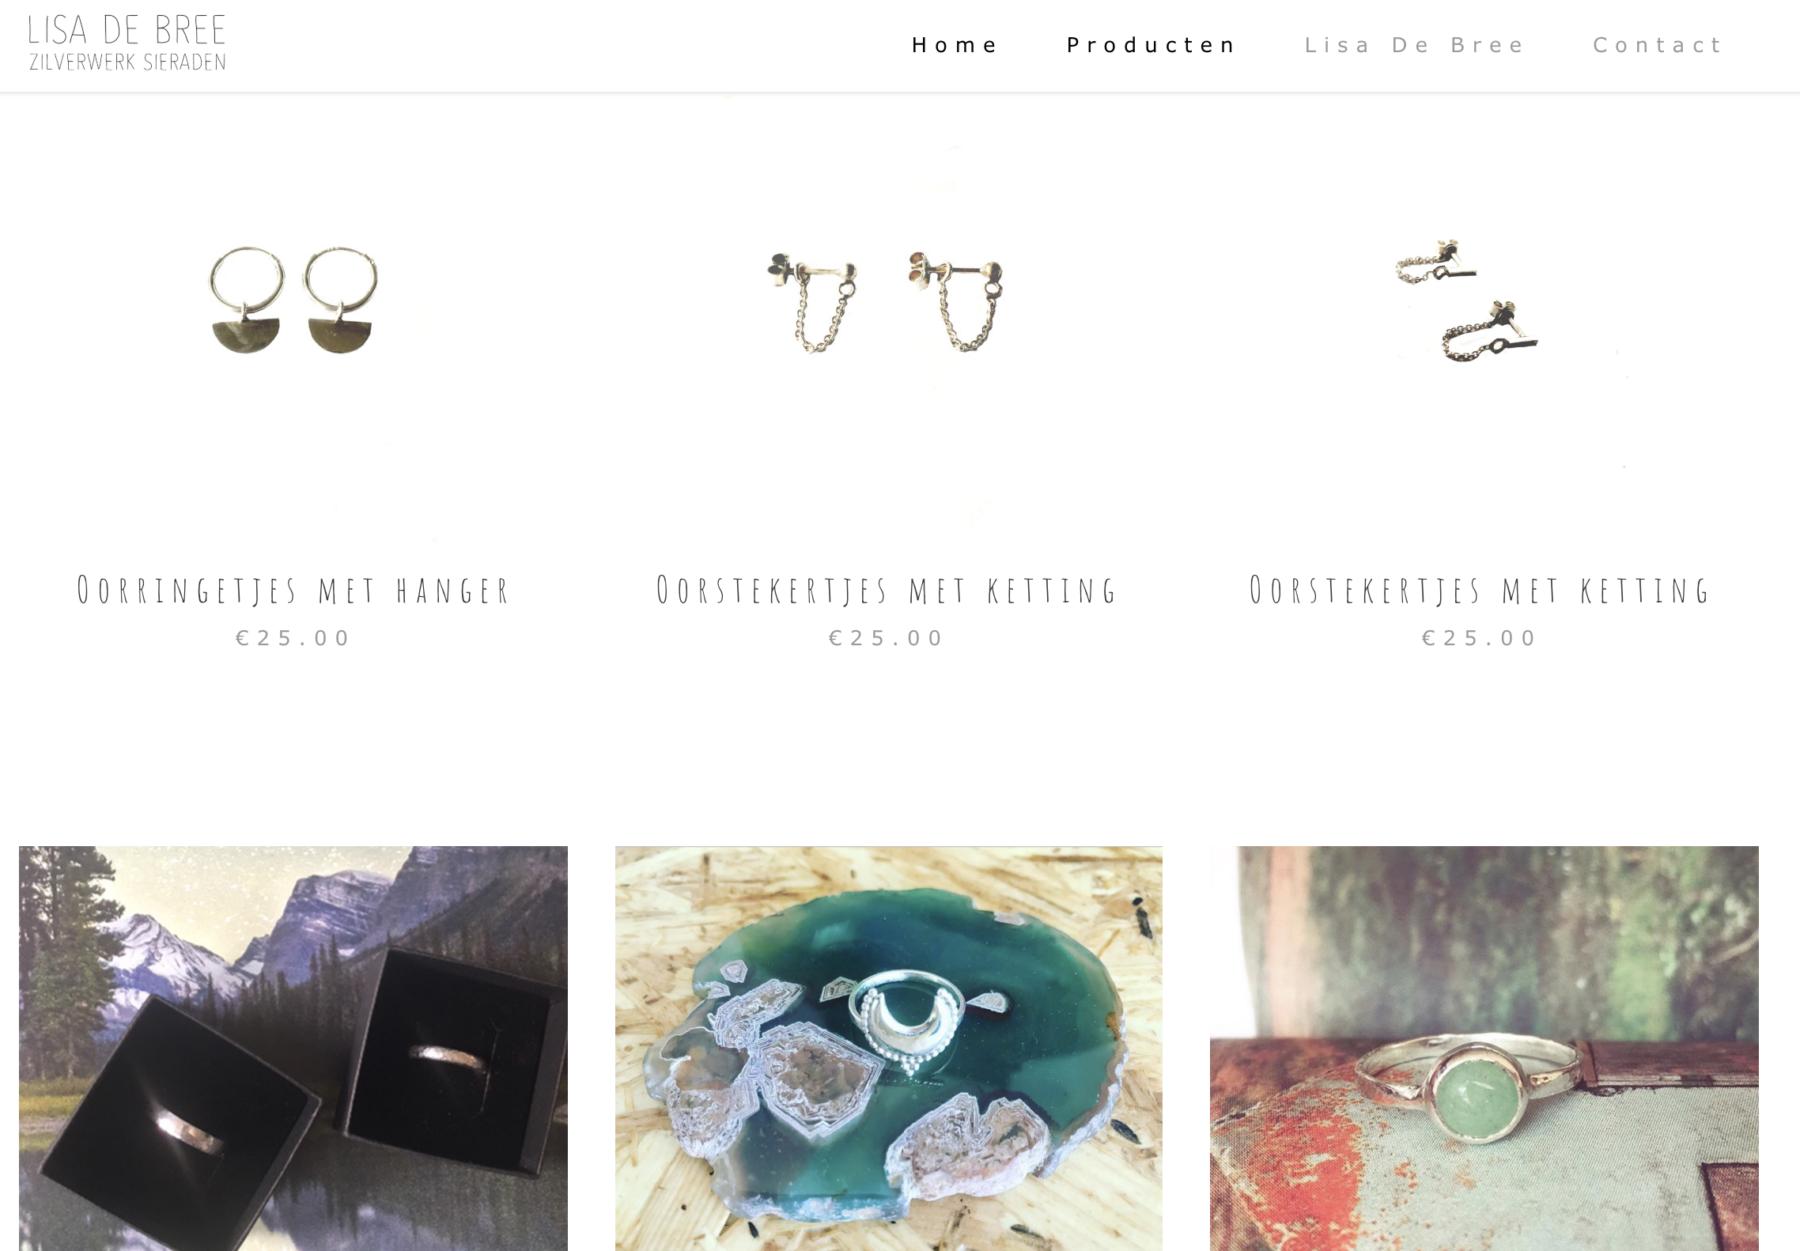 Zilverwerk Sieraden - Lisa de Bree